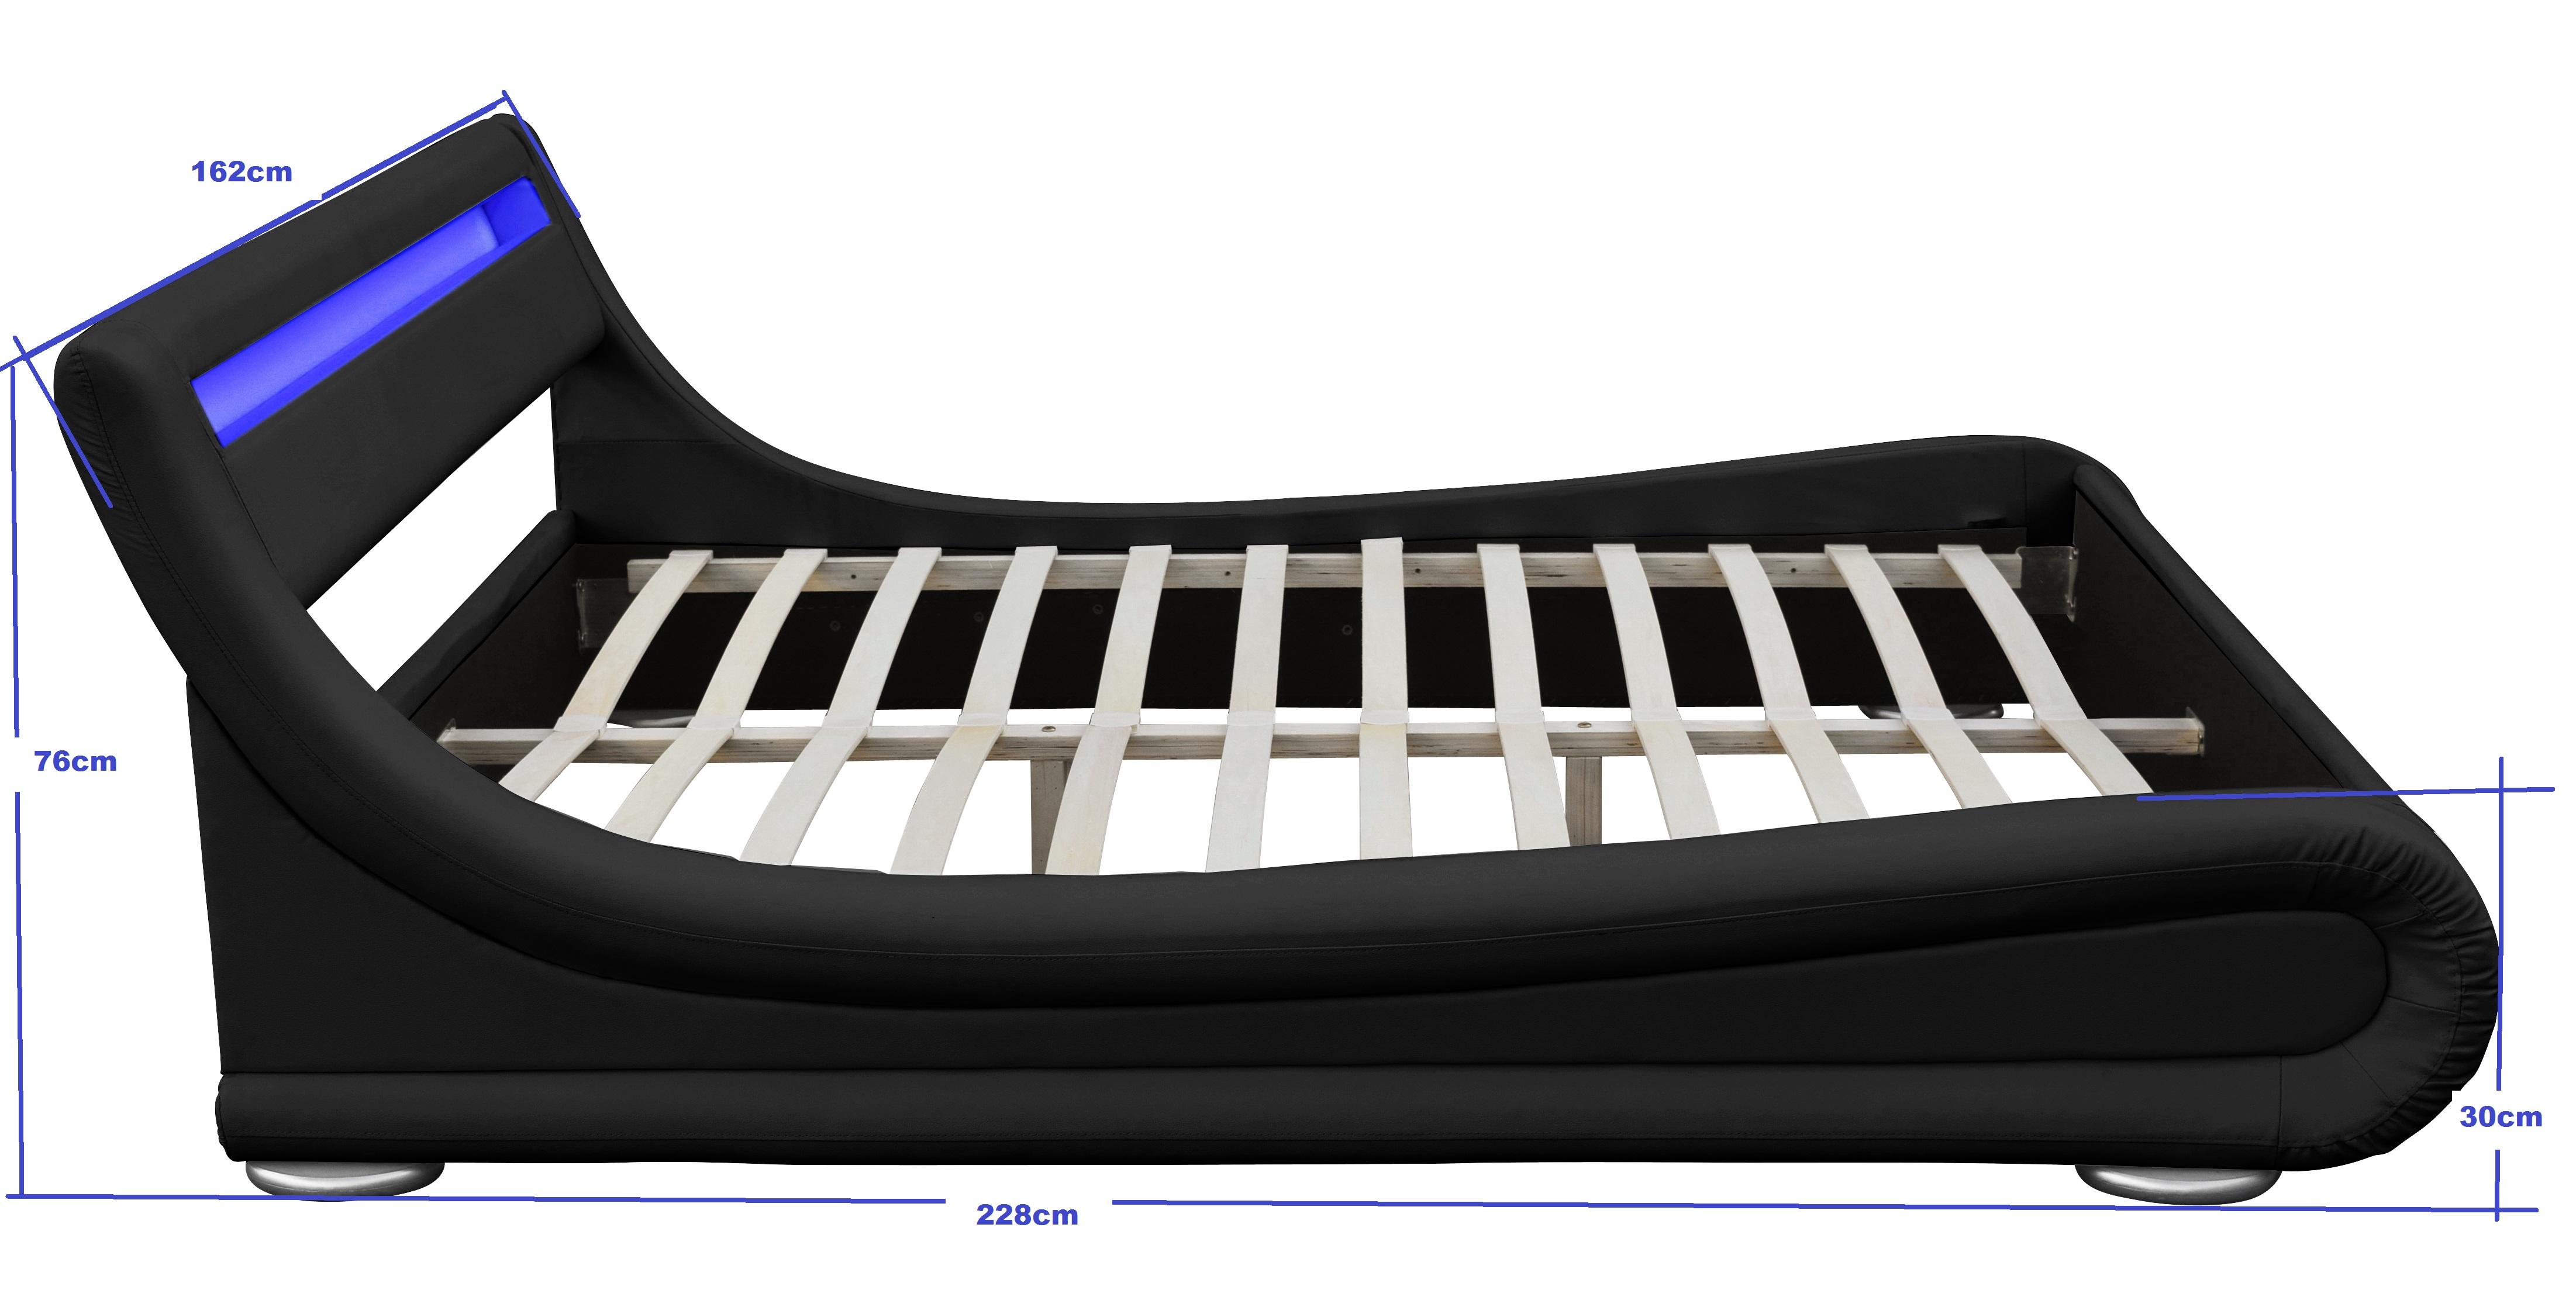 led bett seoul doppelbett polsterbett lattenrost kunstleder bettgestell ebay. Black Bedroom Furniture Sets. Home Design Ideas